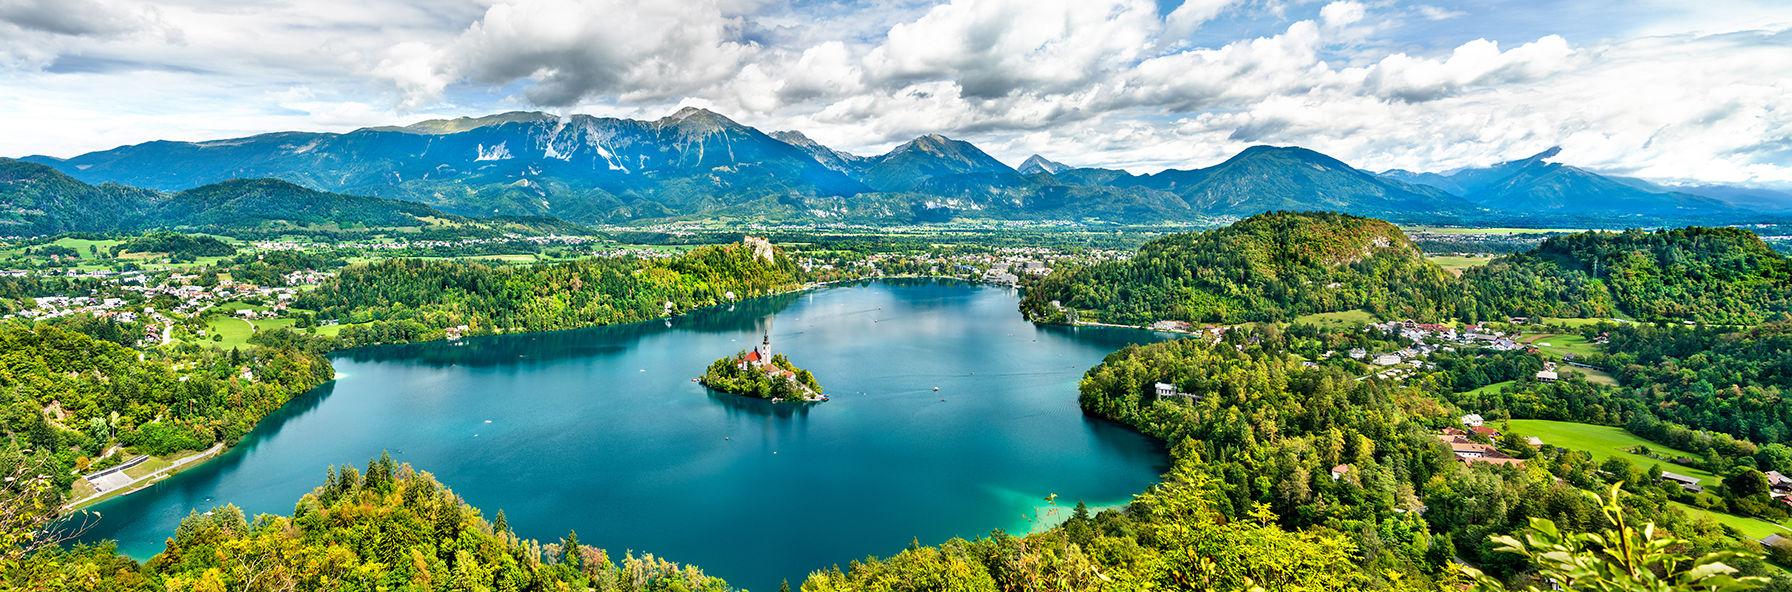 Blahodárný pobyt ve slovinských lázních nebo výlety do krásné přírody se slevou